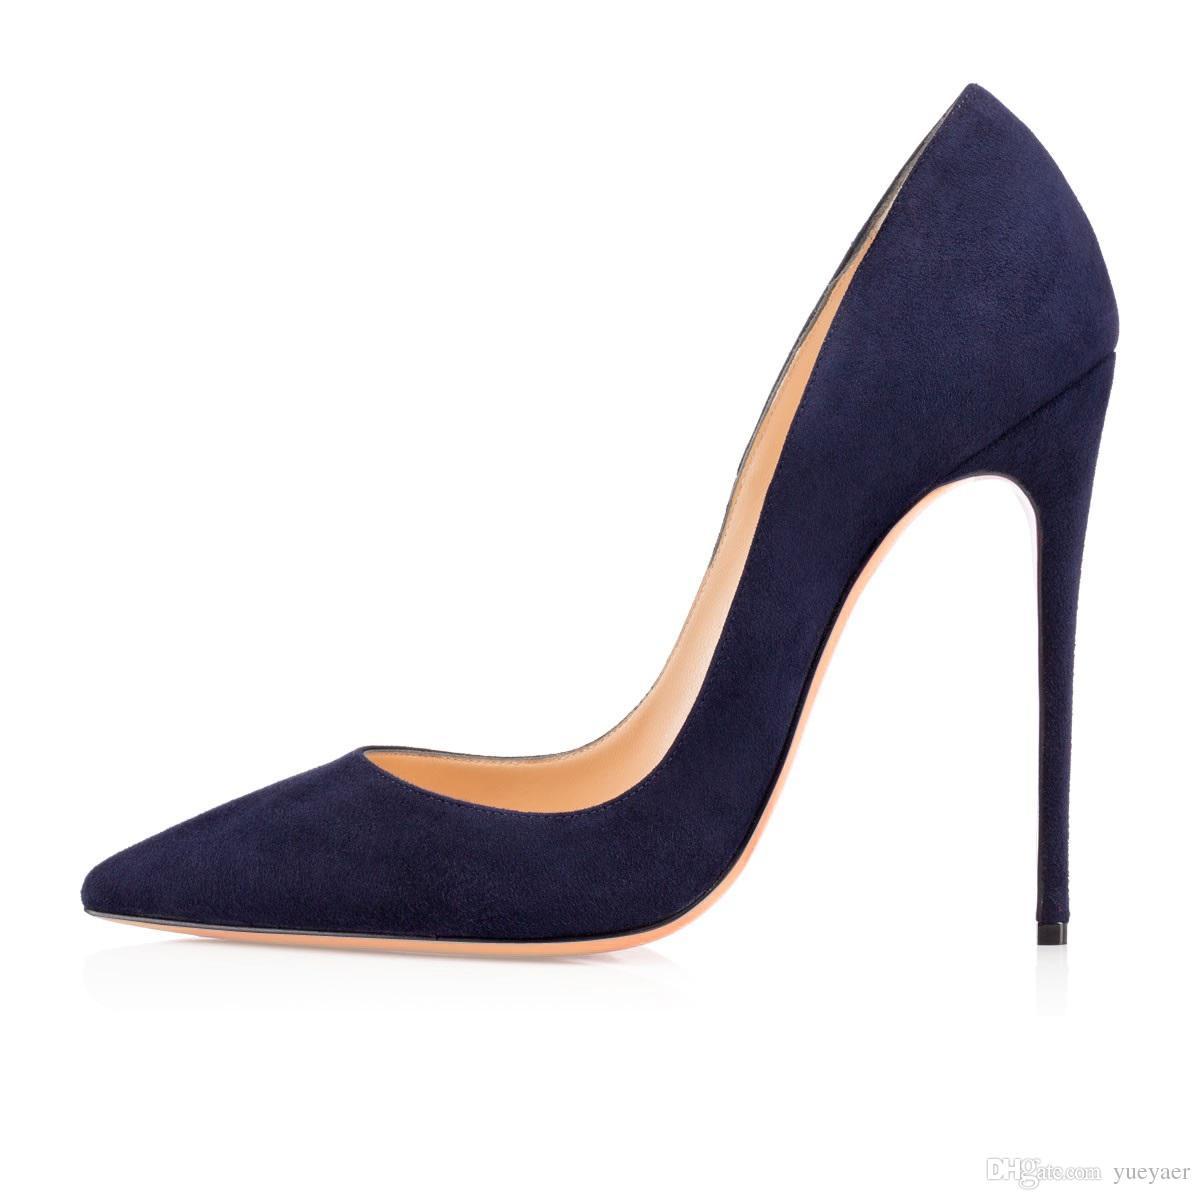 Zandina Ladies Handmade Fashion ASO-kate 120mm Punta a punta Classic Party Scarpe con tacco sottile a spillo Scarpe in pelle scamosciata blu Z62512